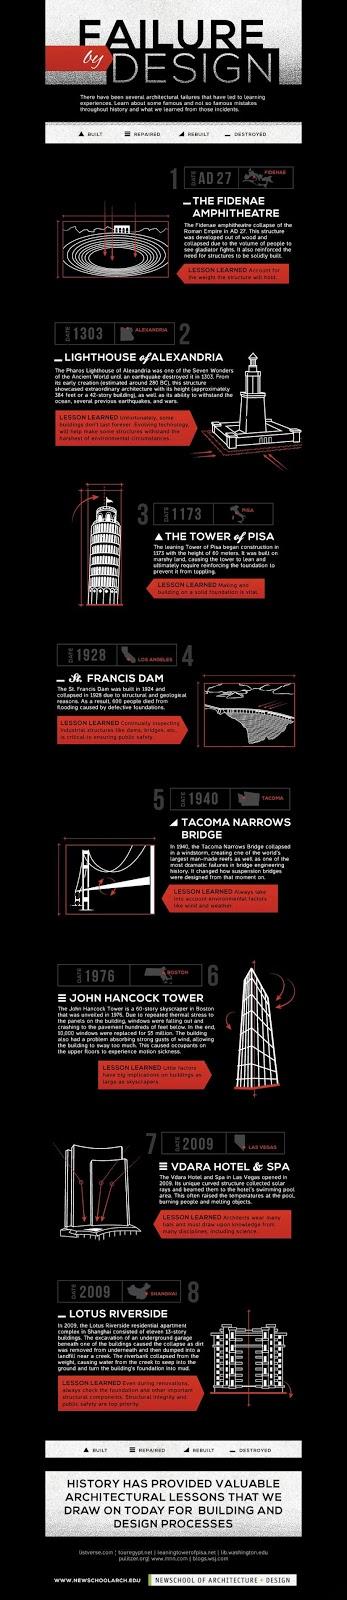 8 grandes errores en el diseño arquitectónico